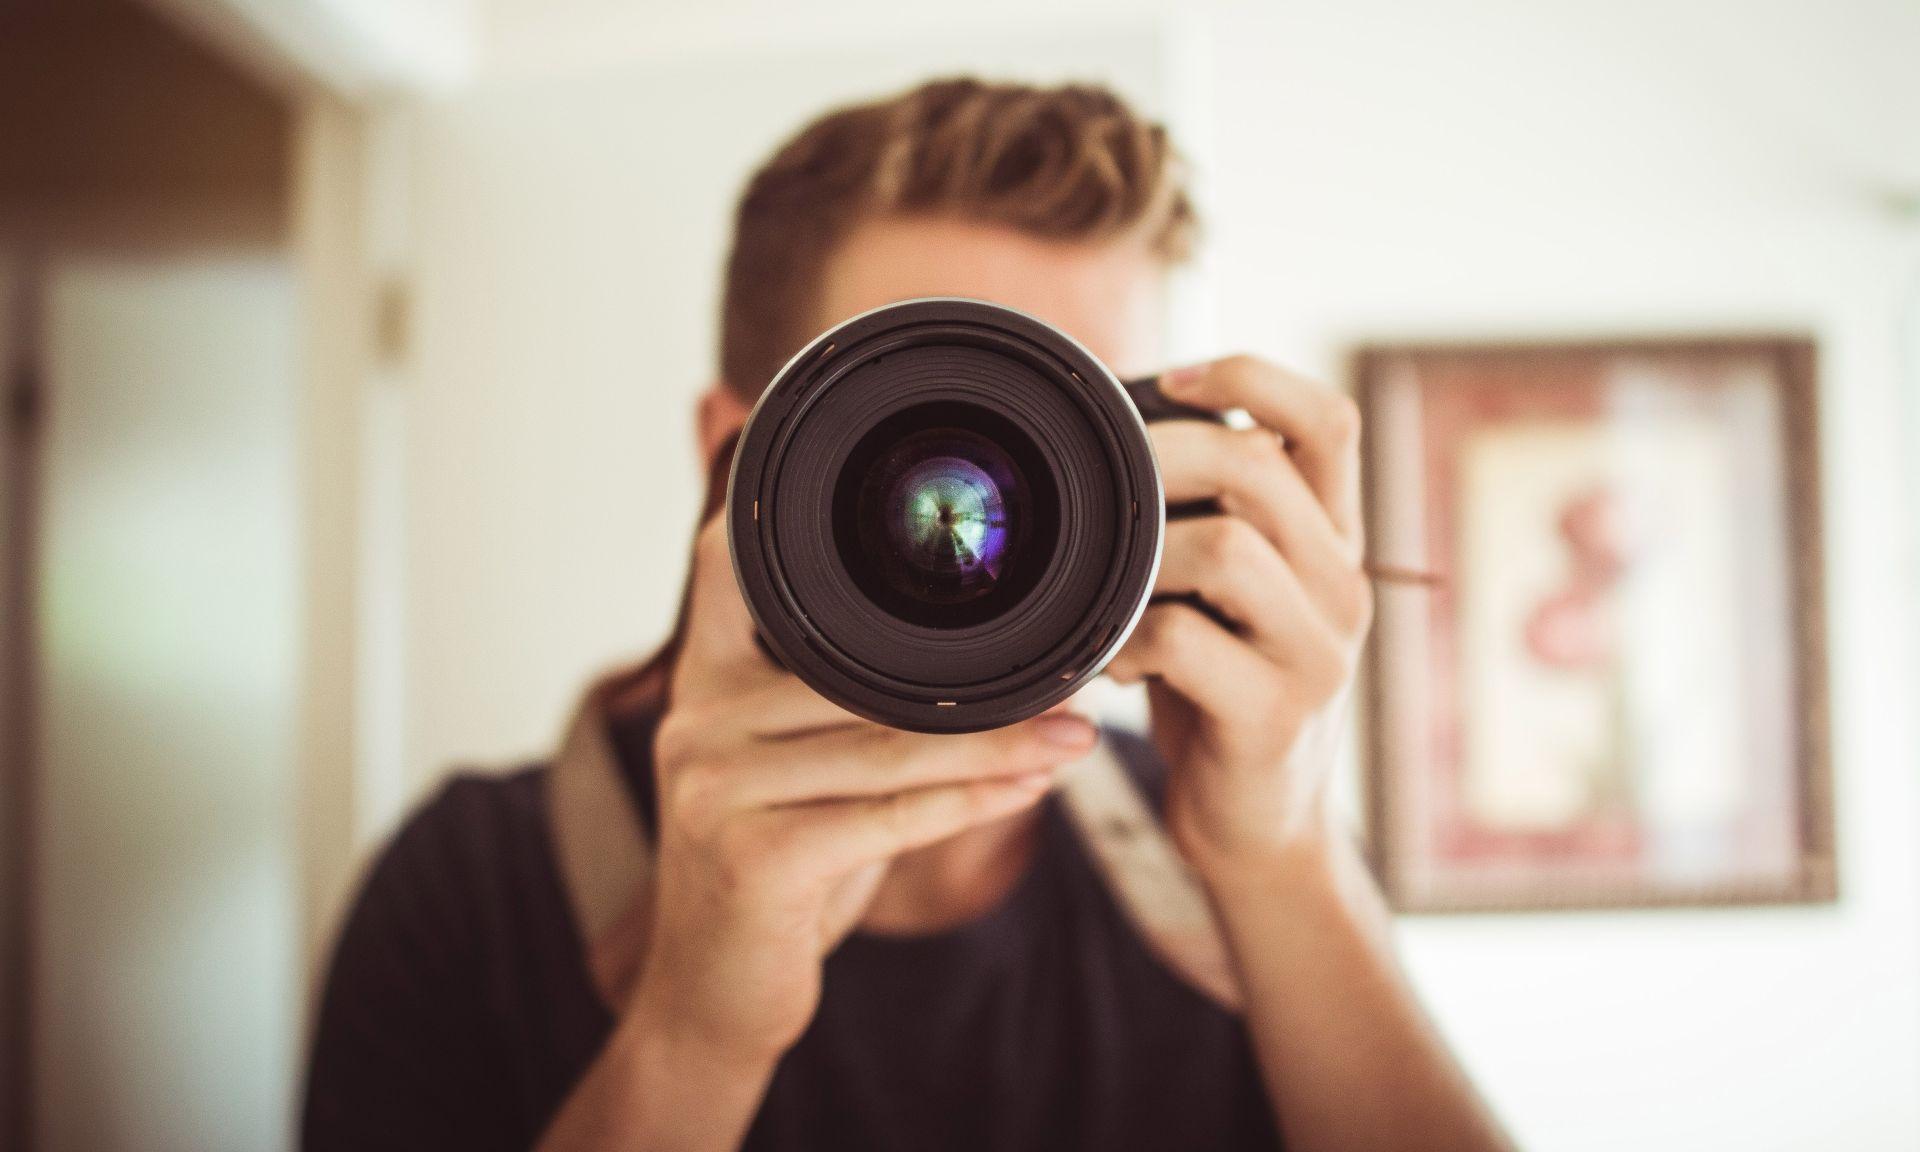 Cameras cover image